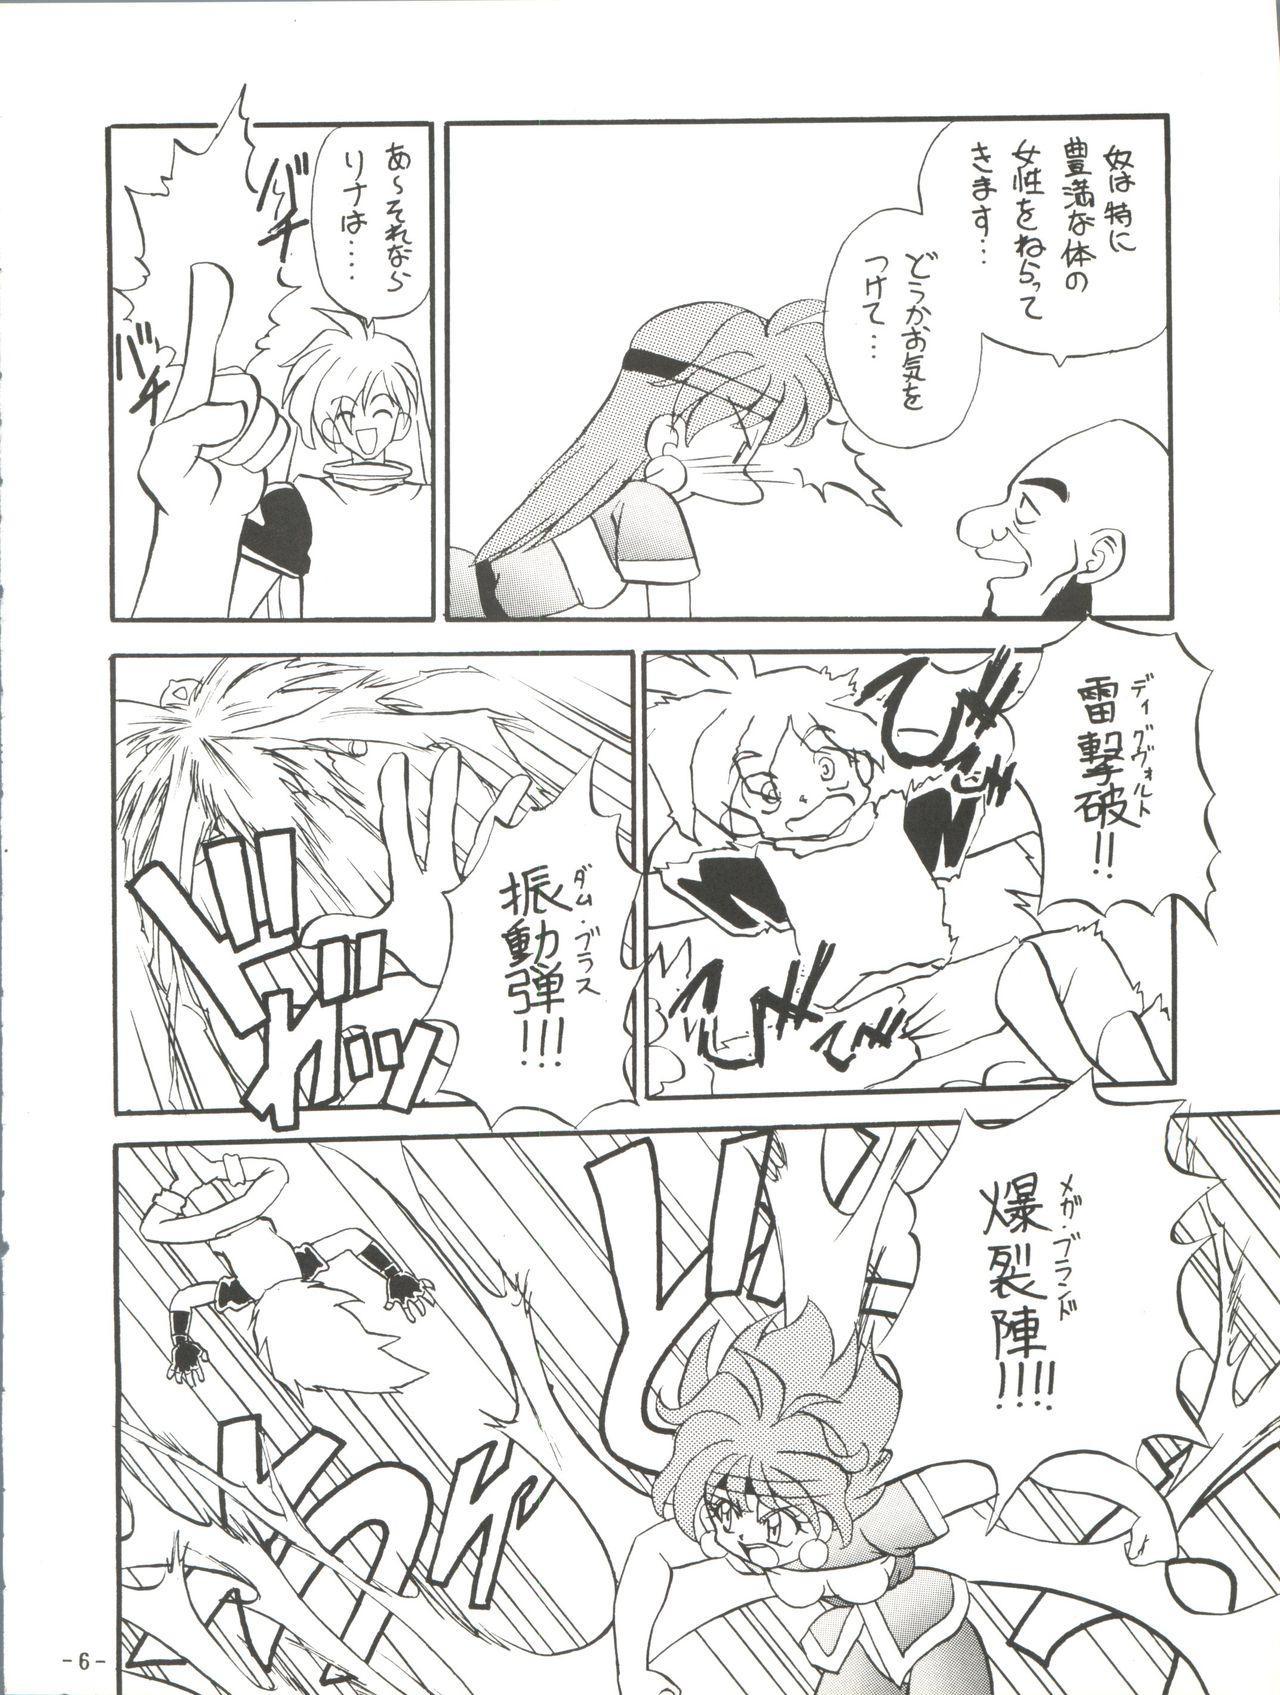 BTB-19.3 Kyou no Ohiru wa Naani 7